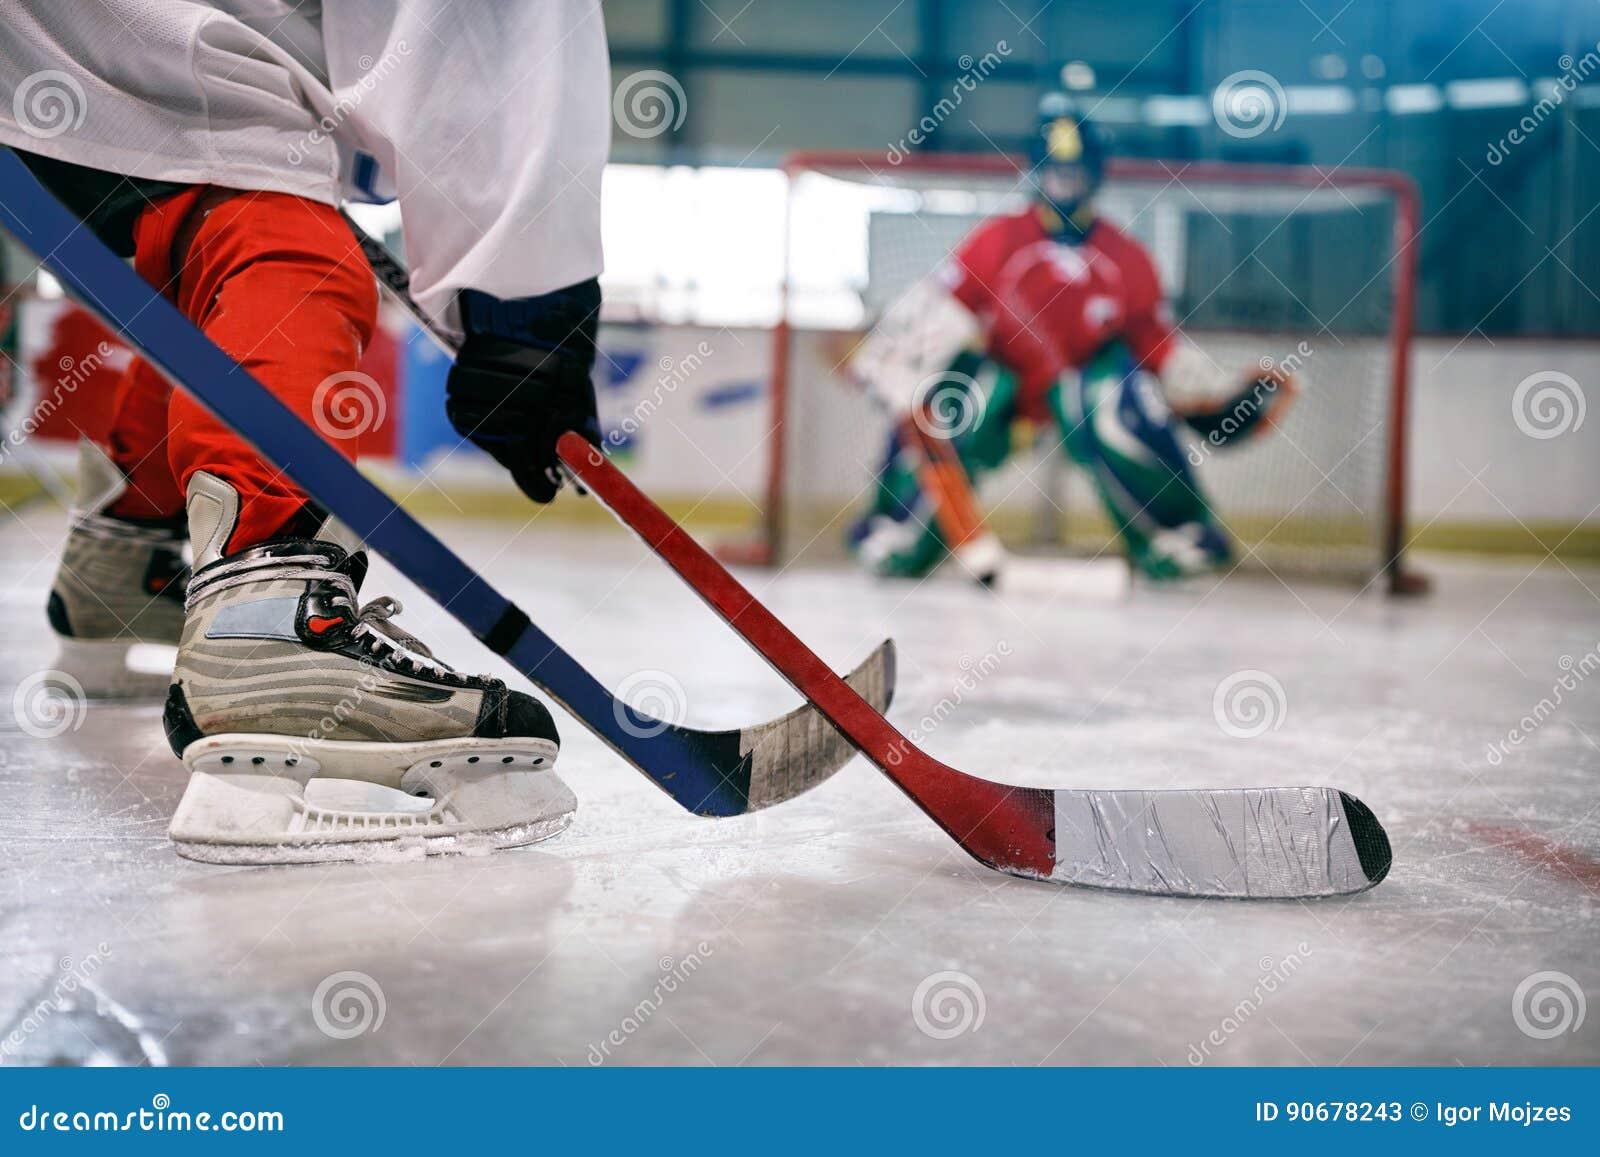 Joueur de hockey de glace dans l action donnant un coup de pied avec le bâton